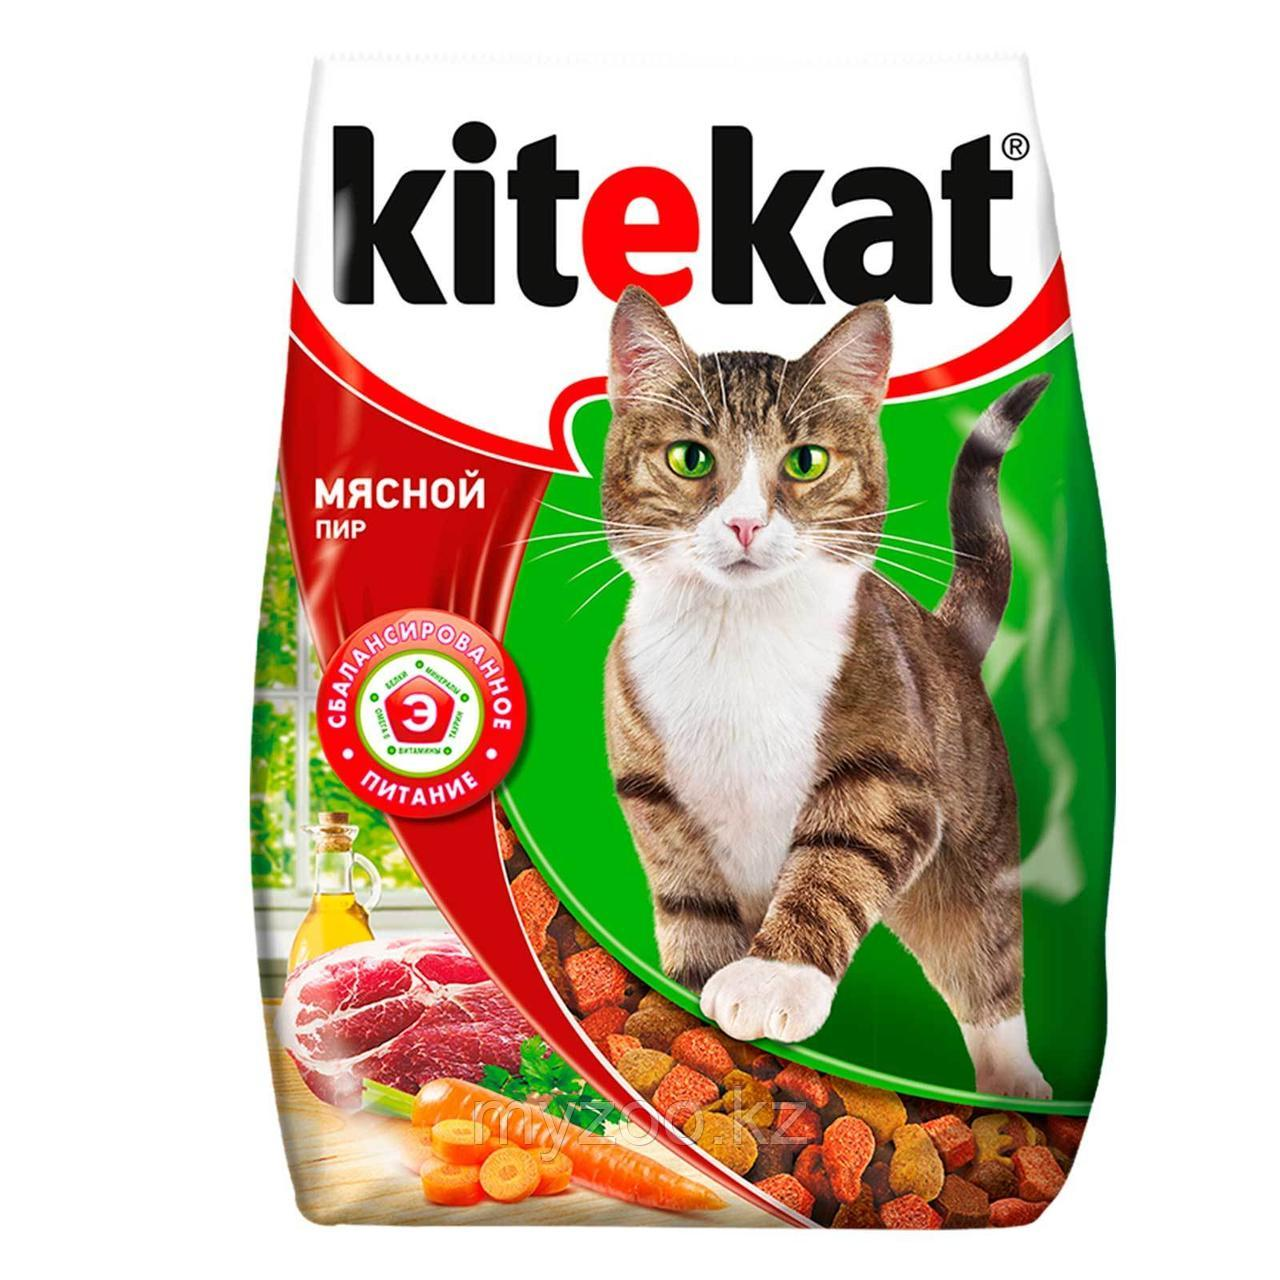 Сухой корм для взрослых кошек Китекат мясной пир 350 гр